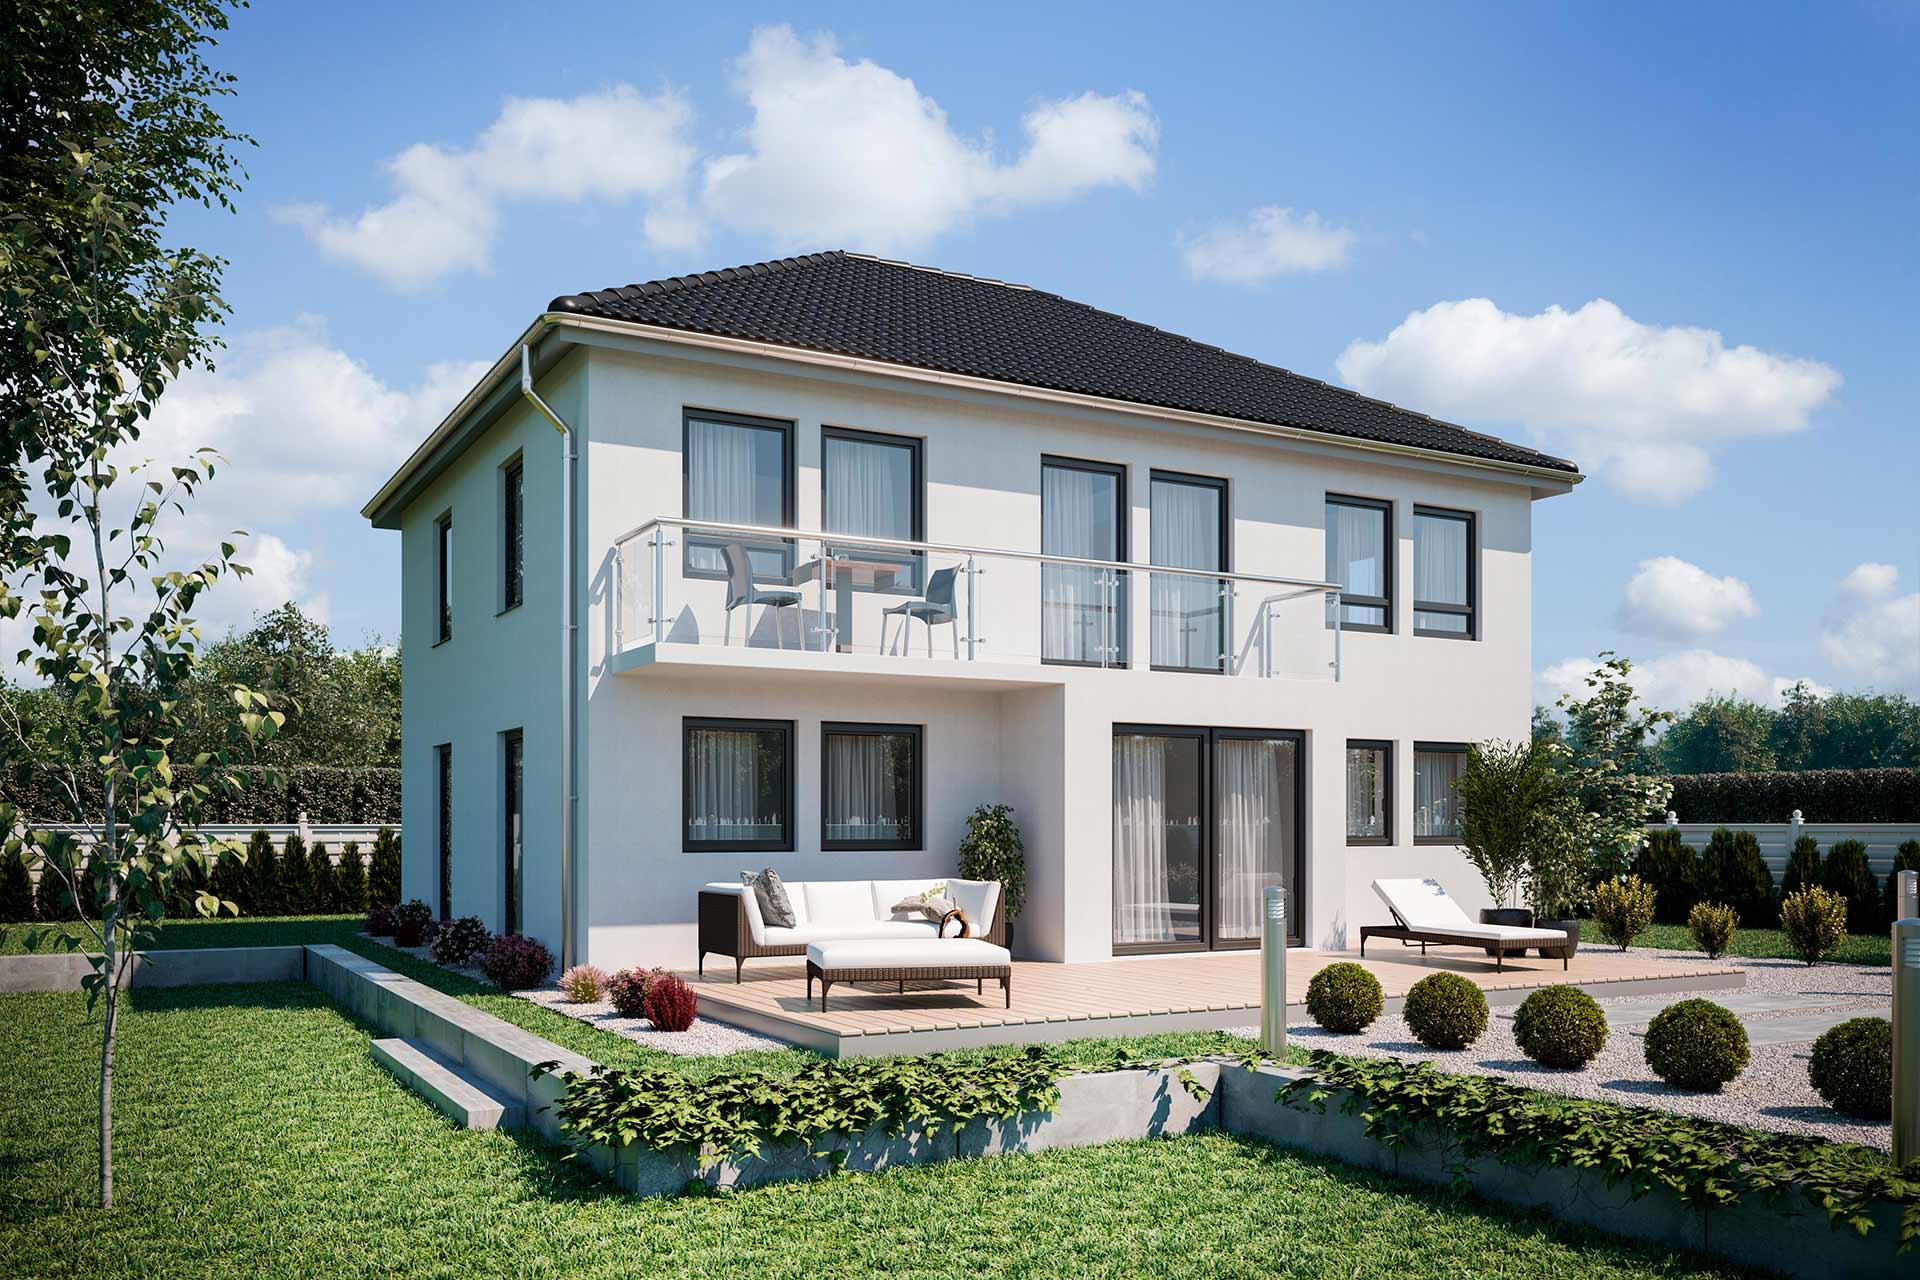 Einfamilienhaus Vario4plus 113